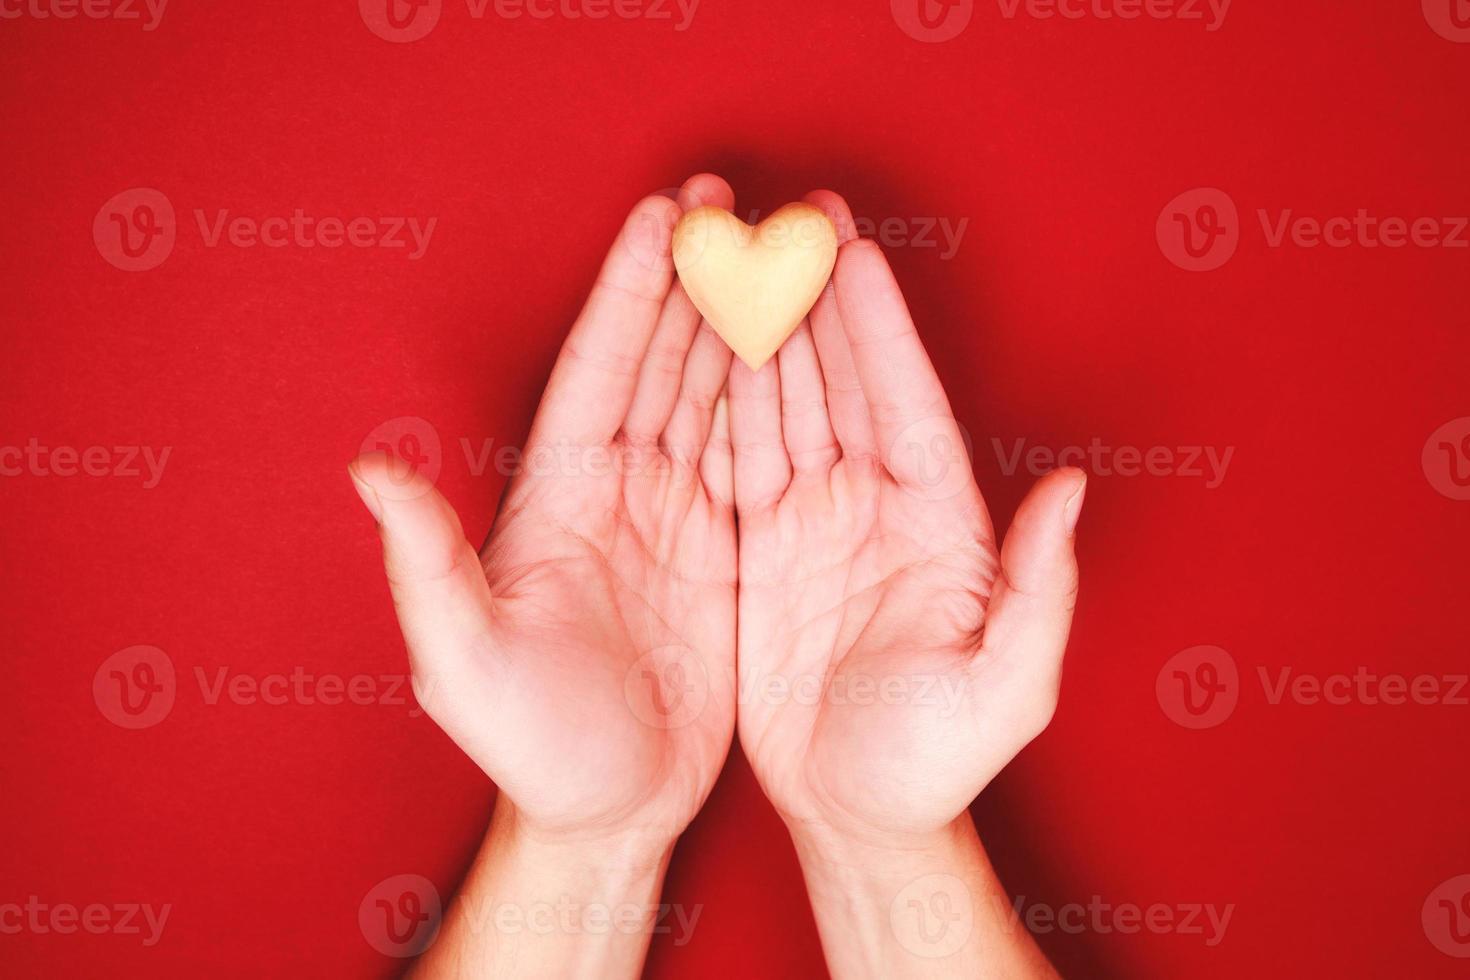 deux mains, tenant un petit coeur en bois genly photo